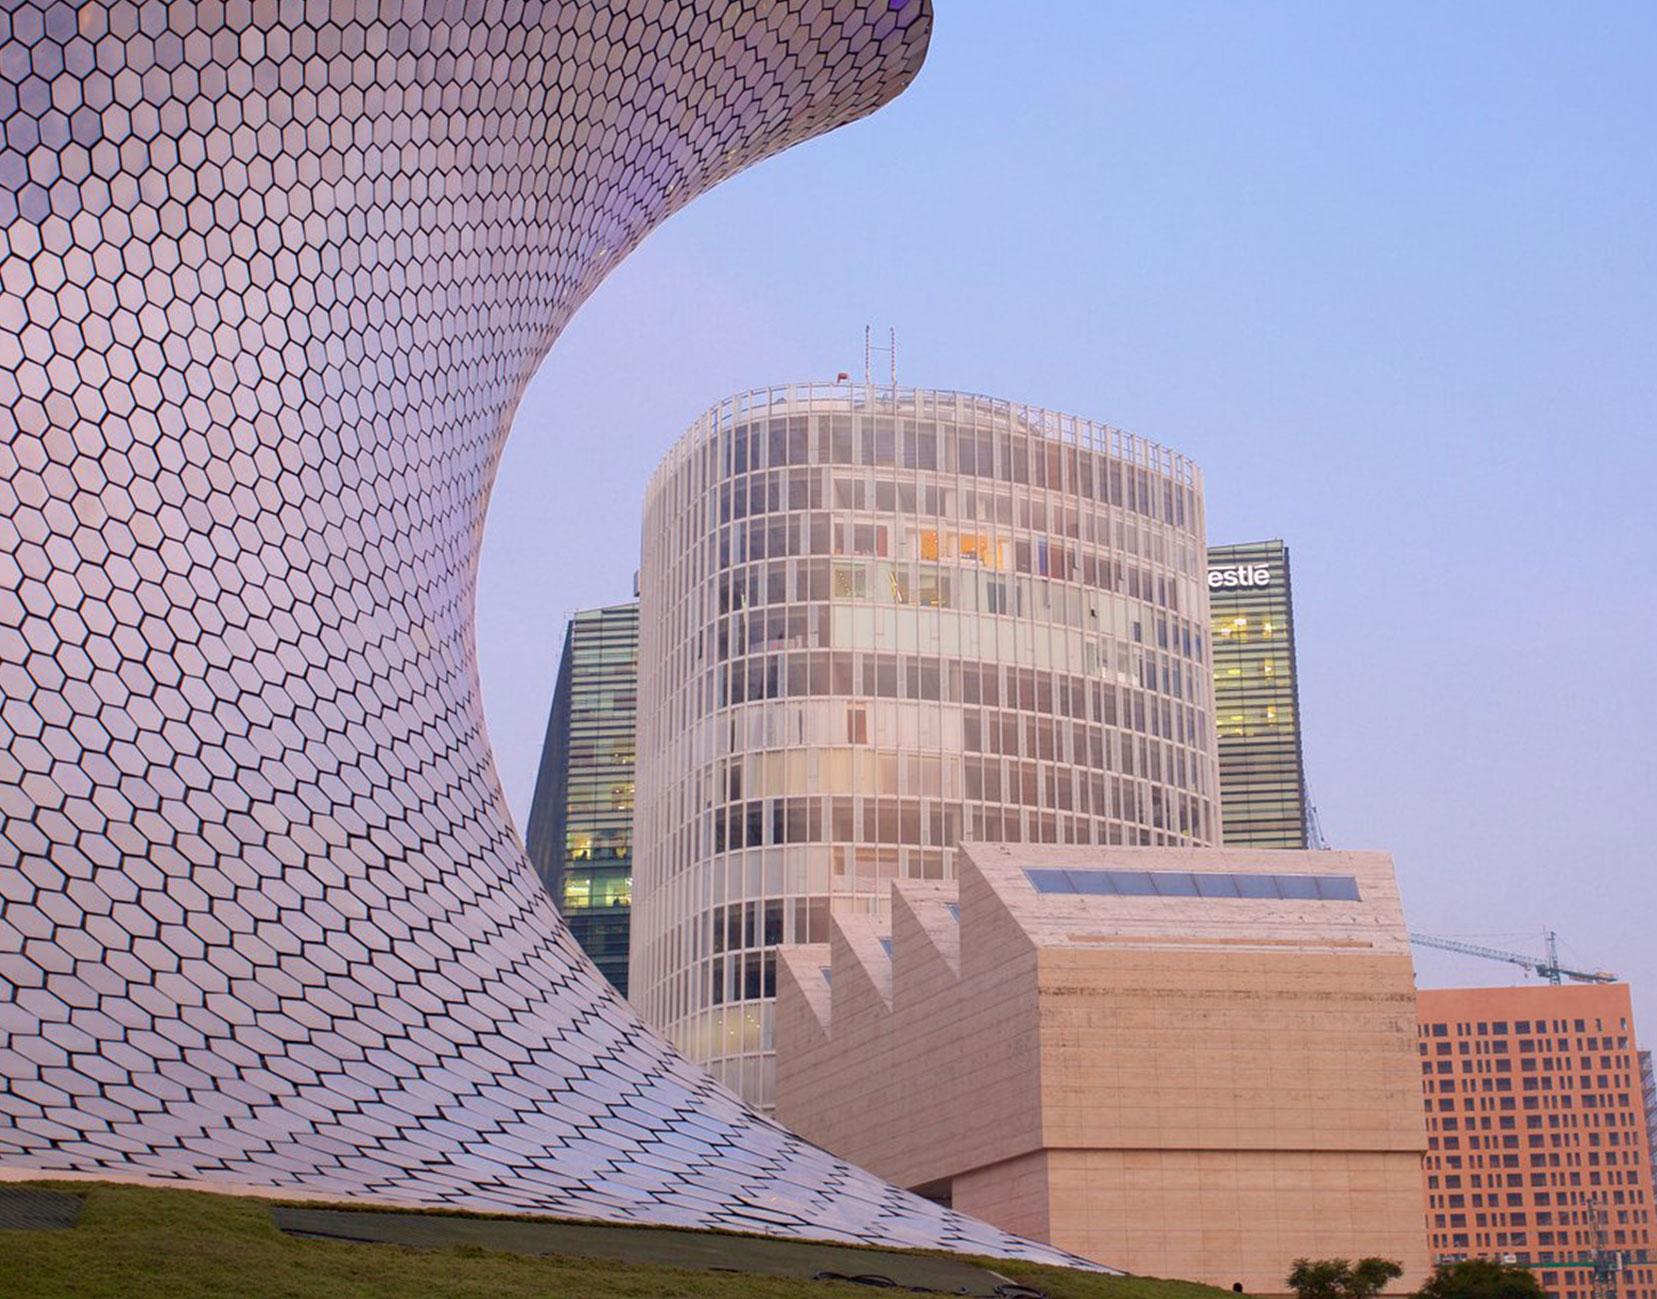 Tendencias-inmobiliarias-que-han-transformado-ciudades-en-Mexico-blog